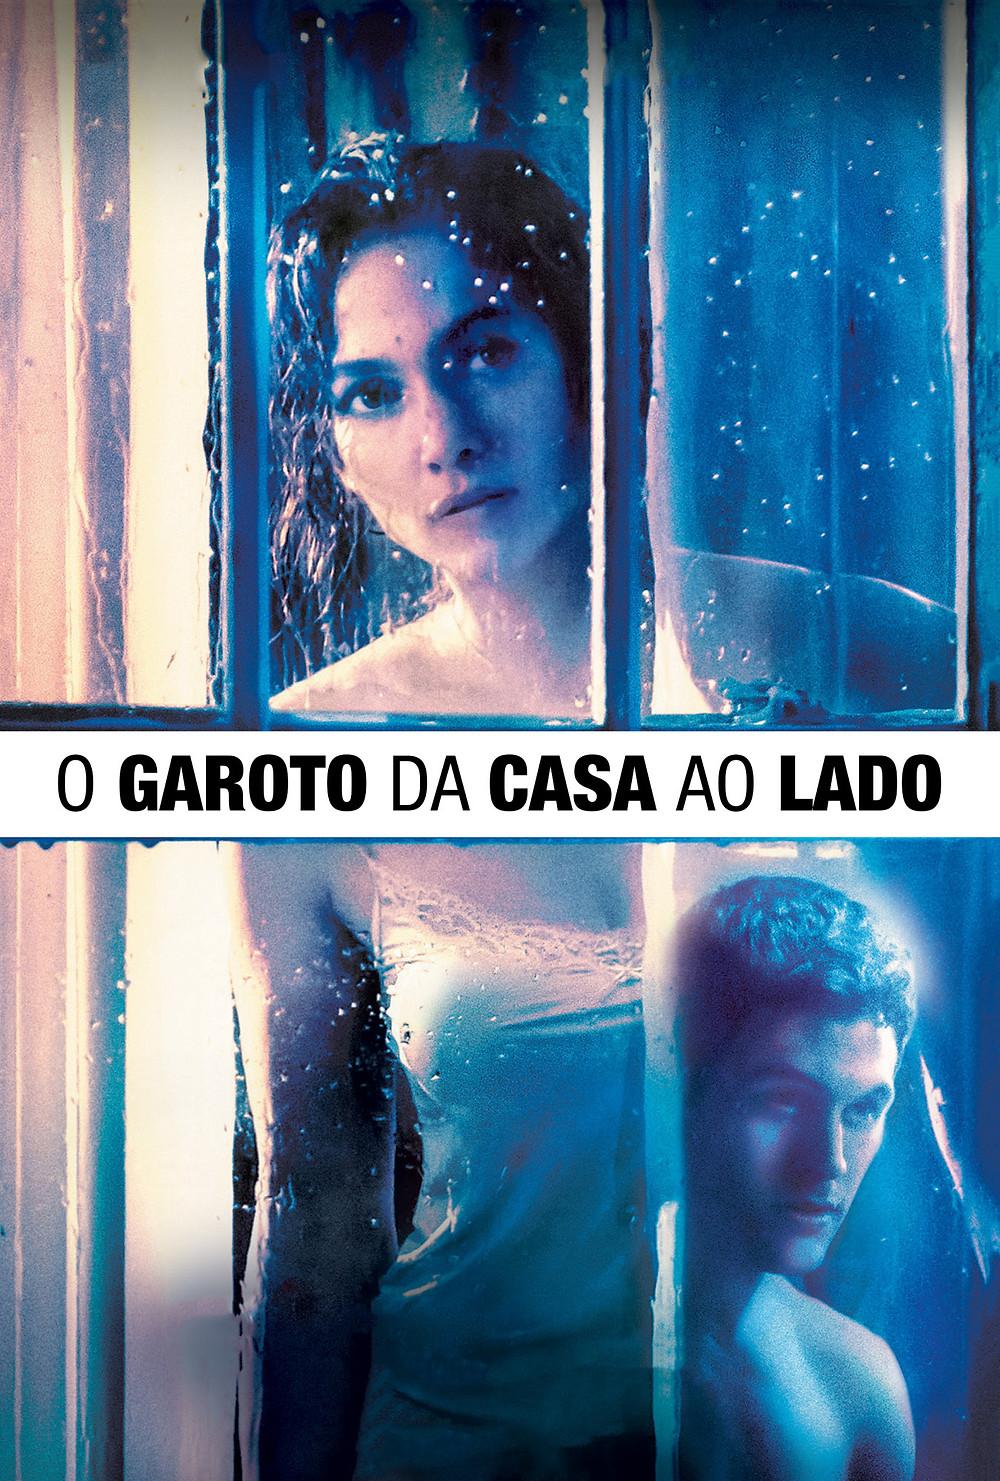 O Garoto da Casa ao Lado (The Boy Next Door: 2015)